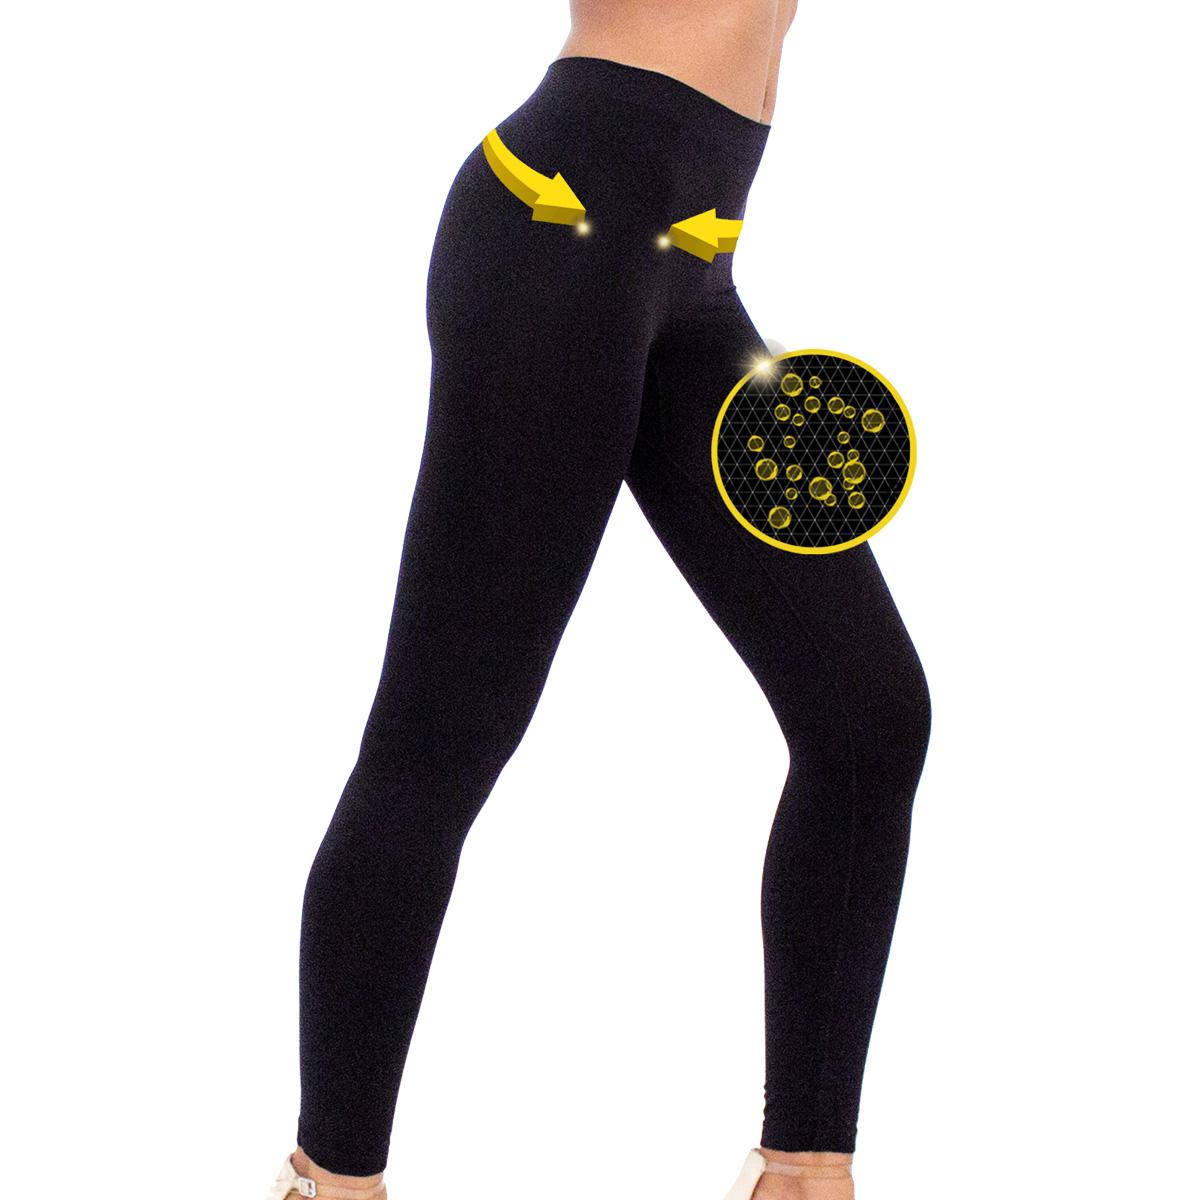 Legging anti-cellulite : quelles sont ses limites ?